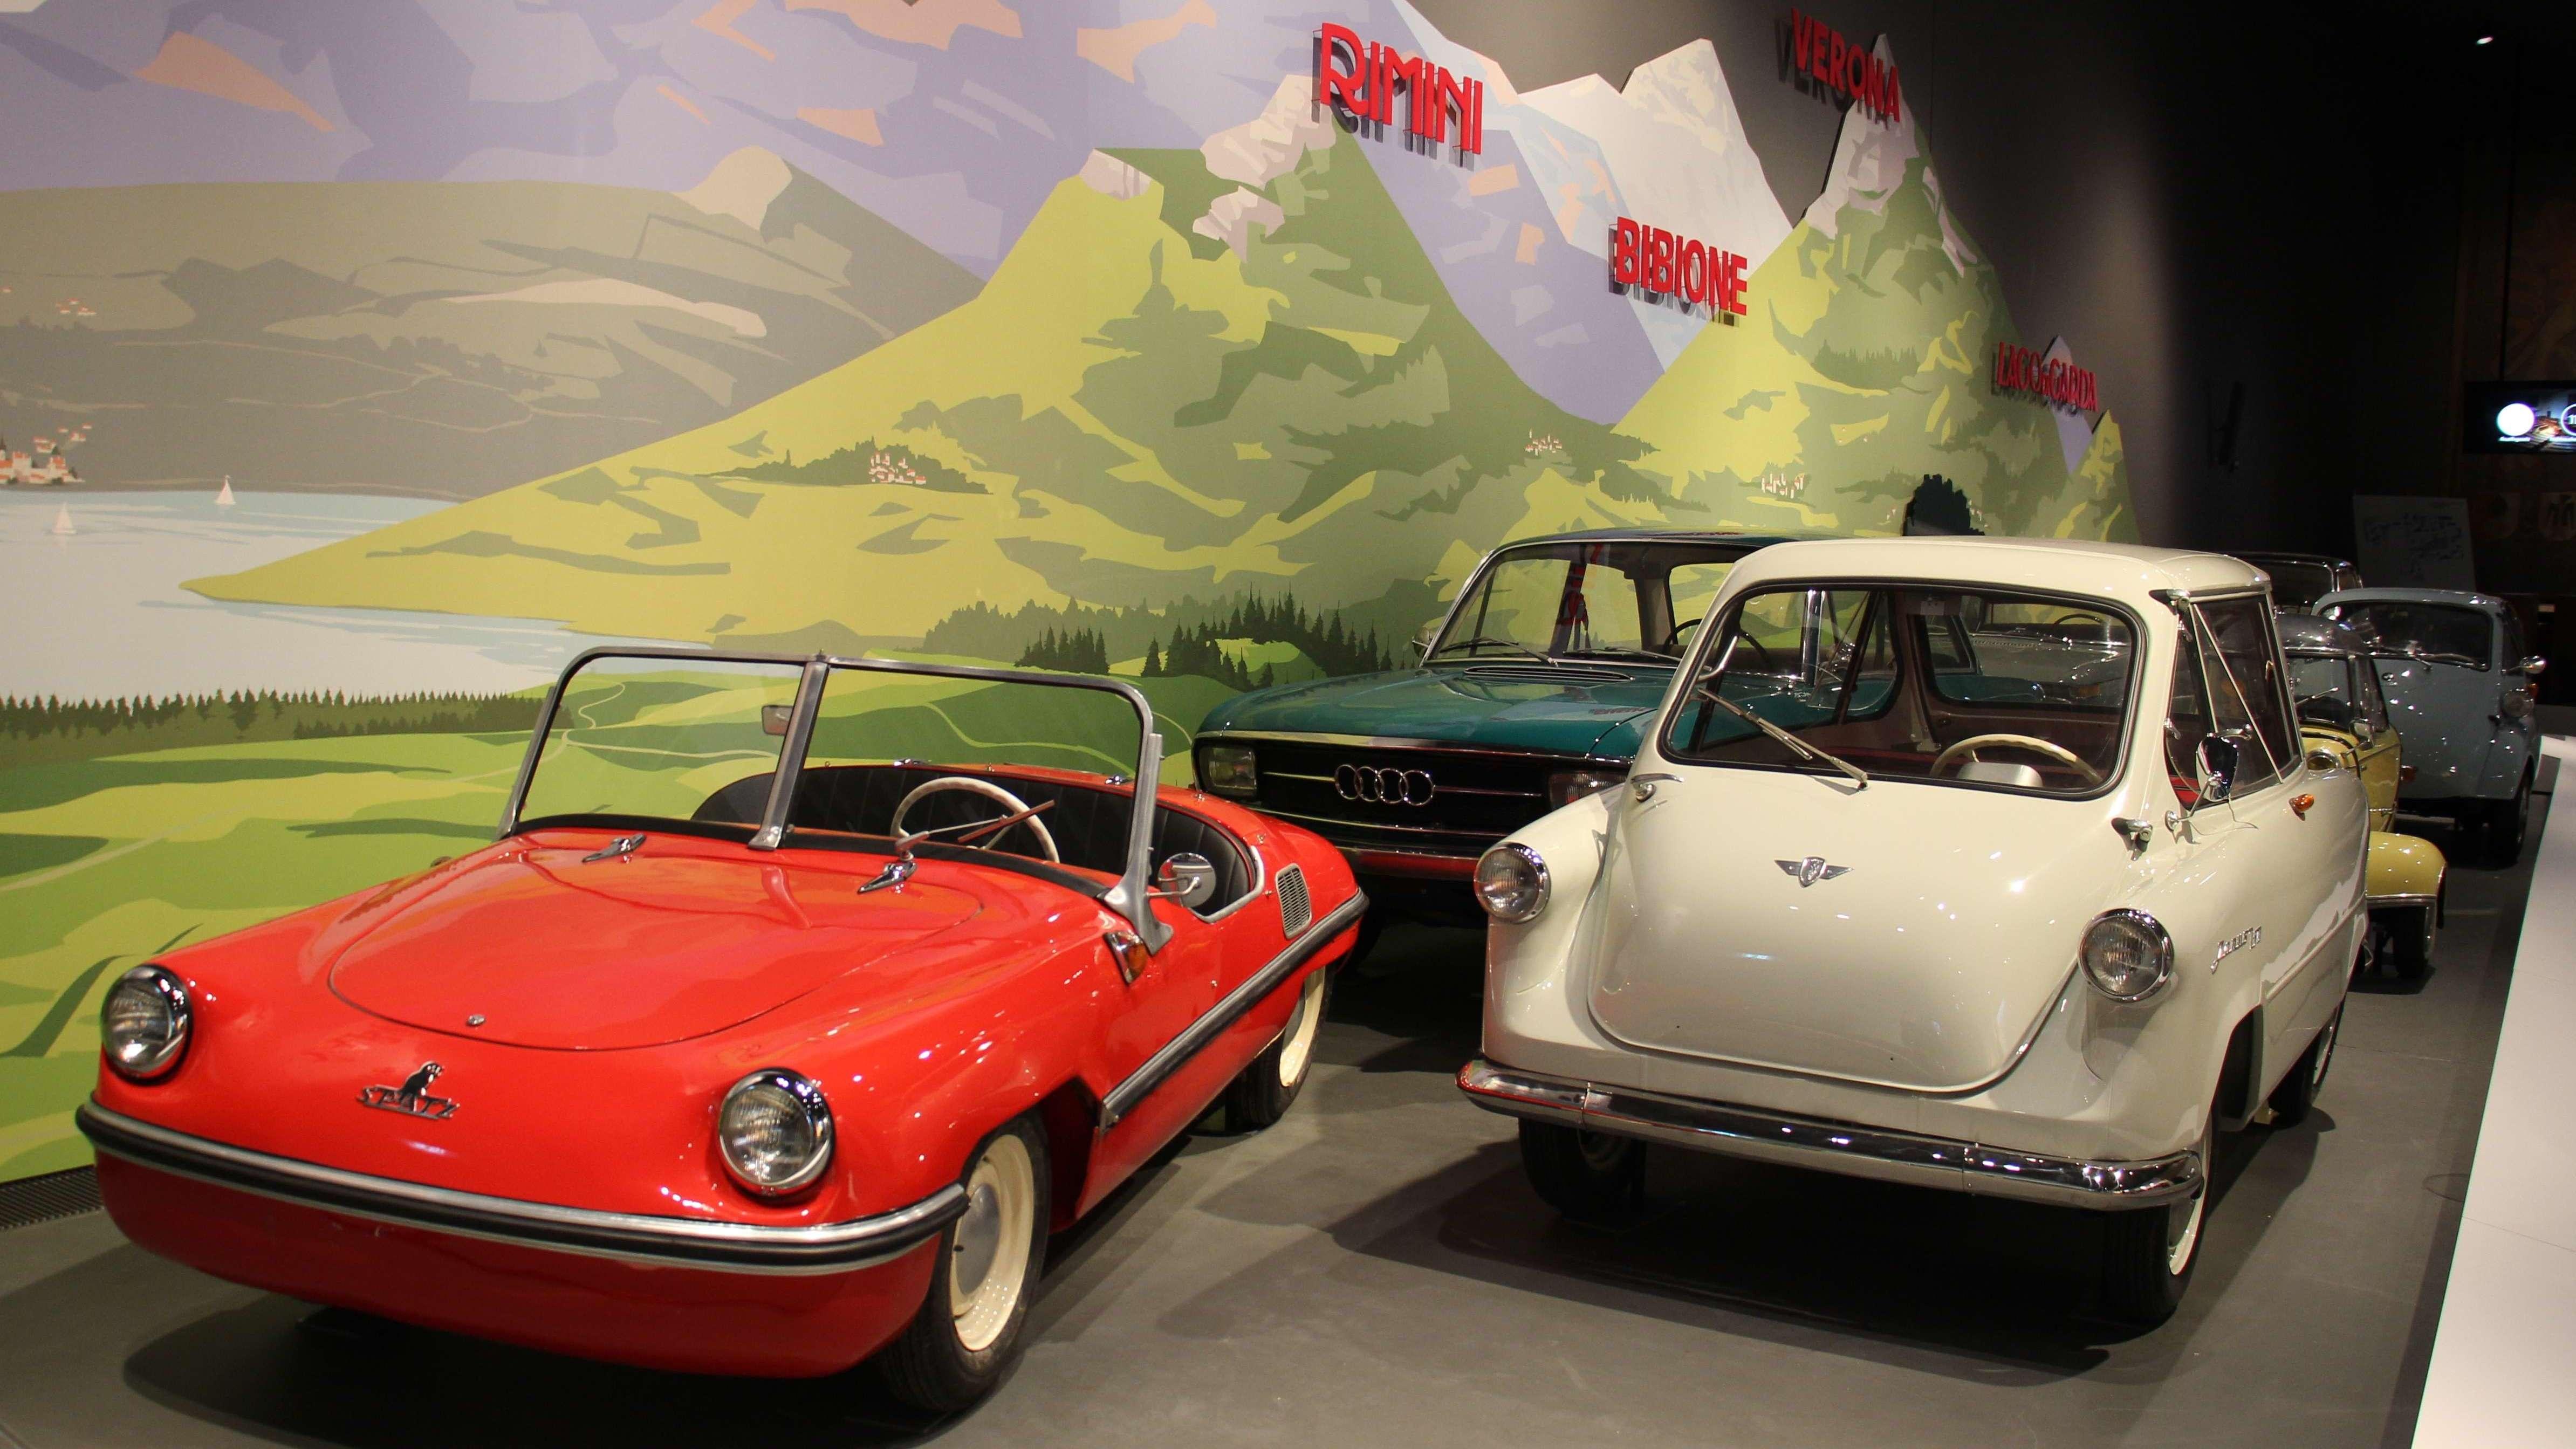 Foto aus der Ausstellung.